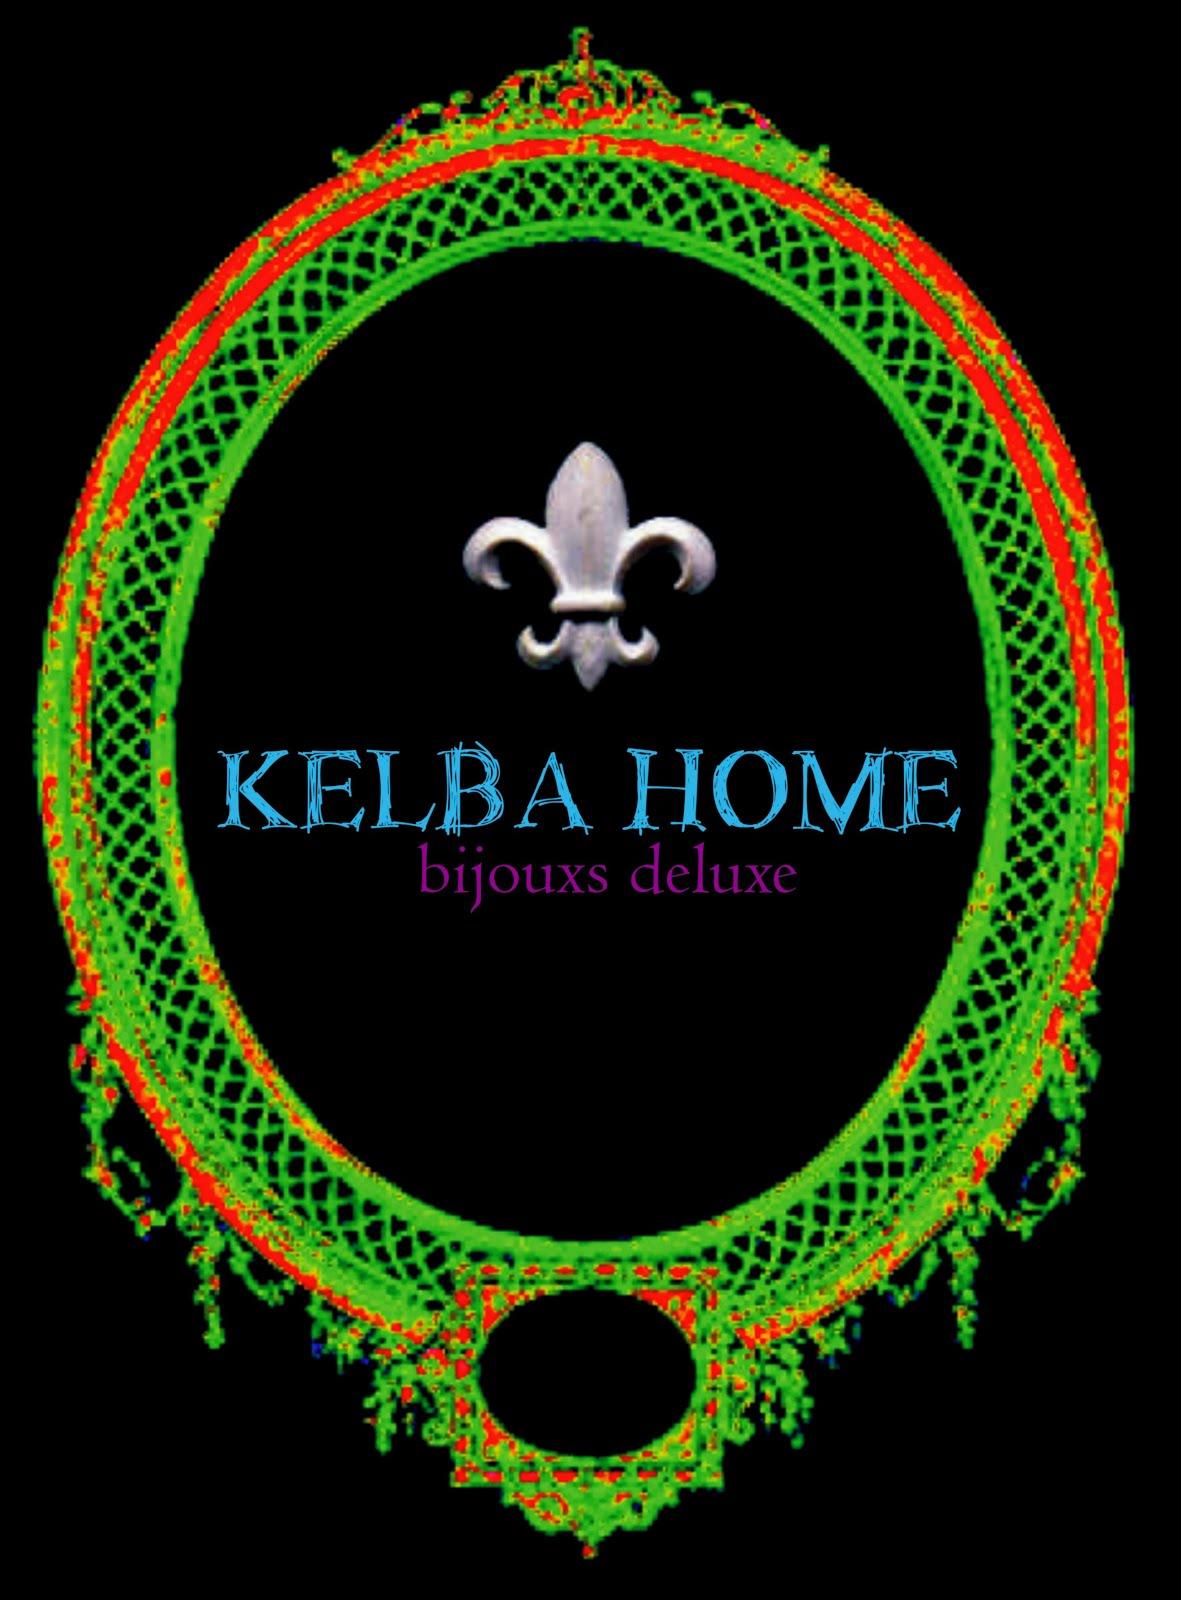 KELBAHOME